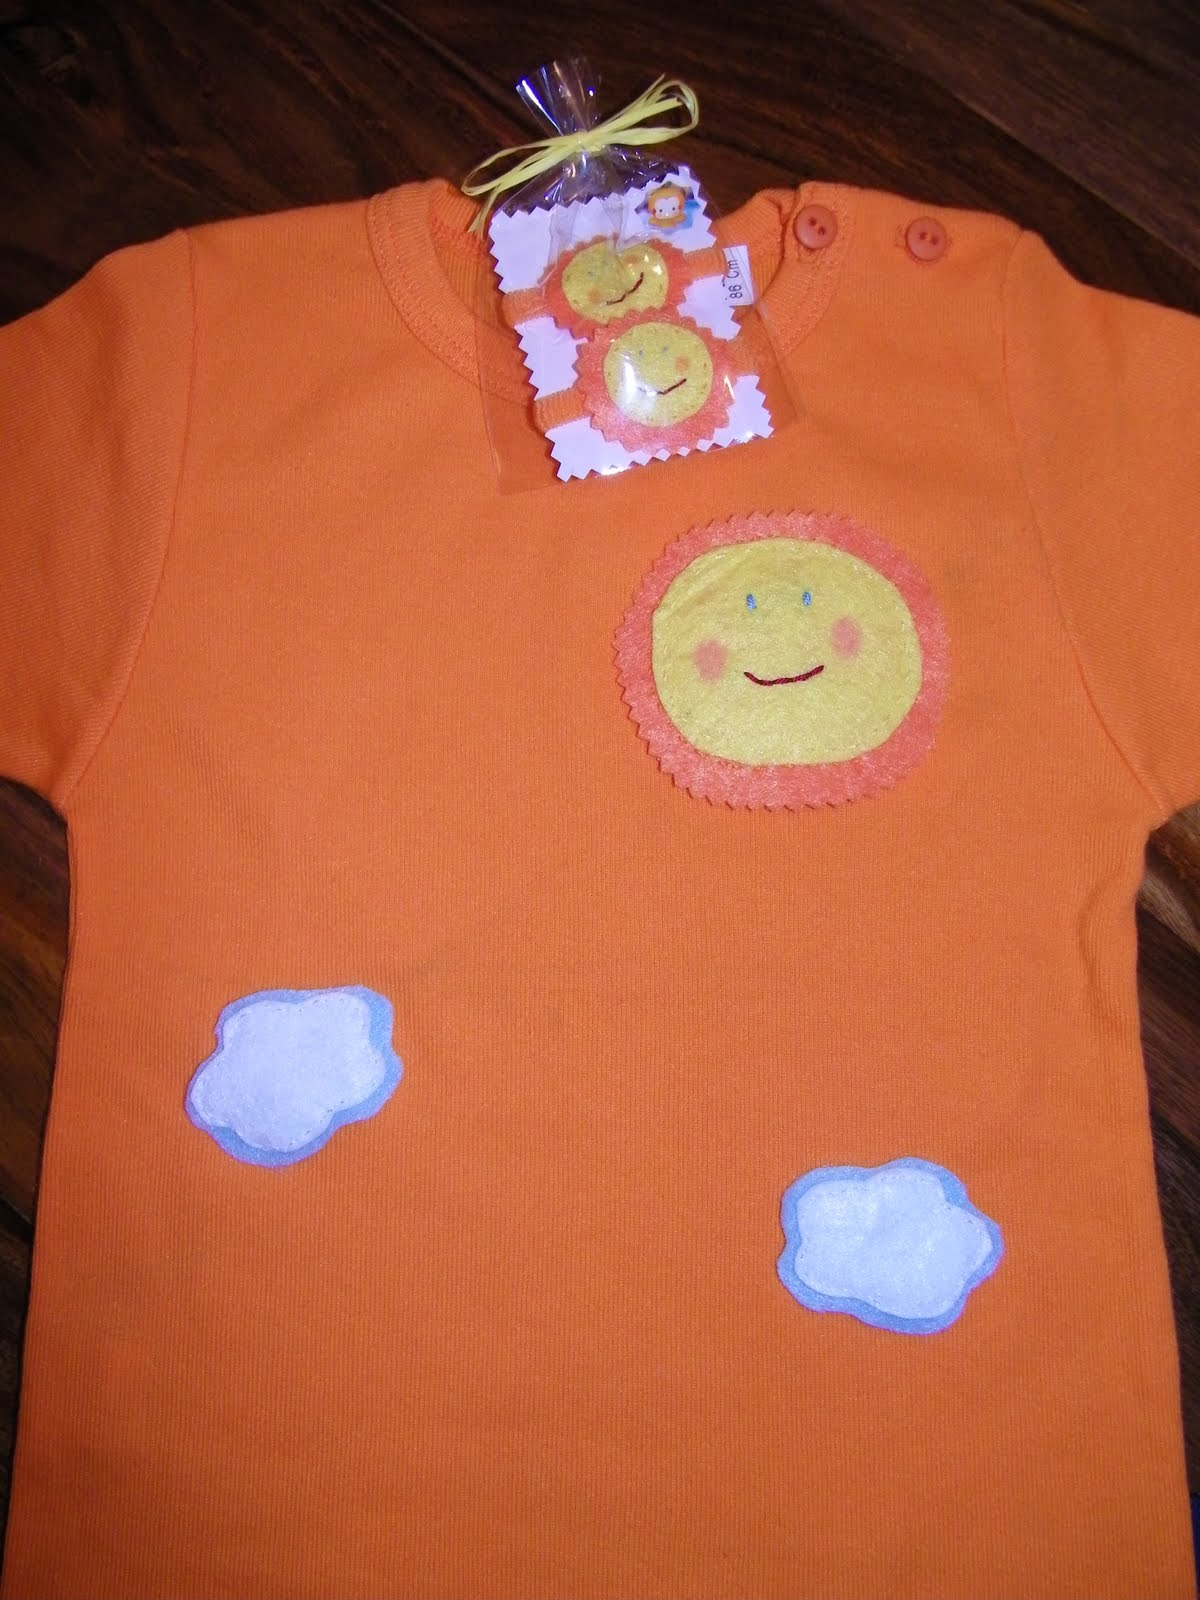 Primera Camiseta Veraniega Con Sol Y Nubes Y Sus Coleteros A Juegos